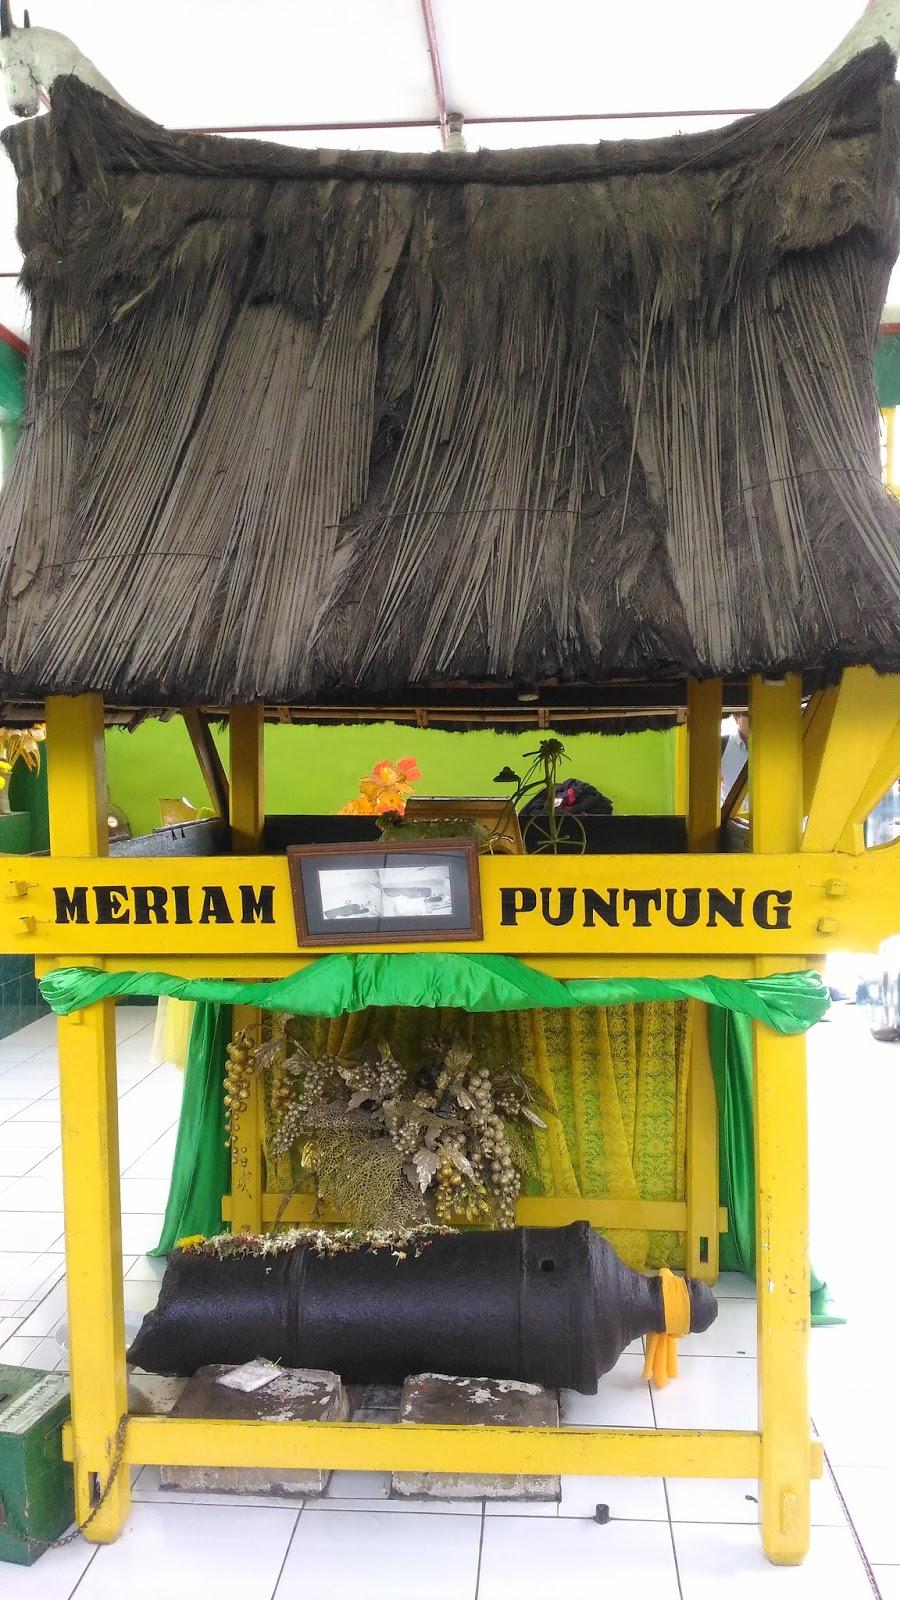 Legenda Meriam Puntung Medan Traveller Writer Putung Dikeramatkan Kota